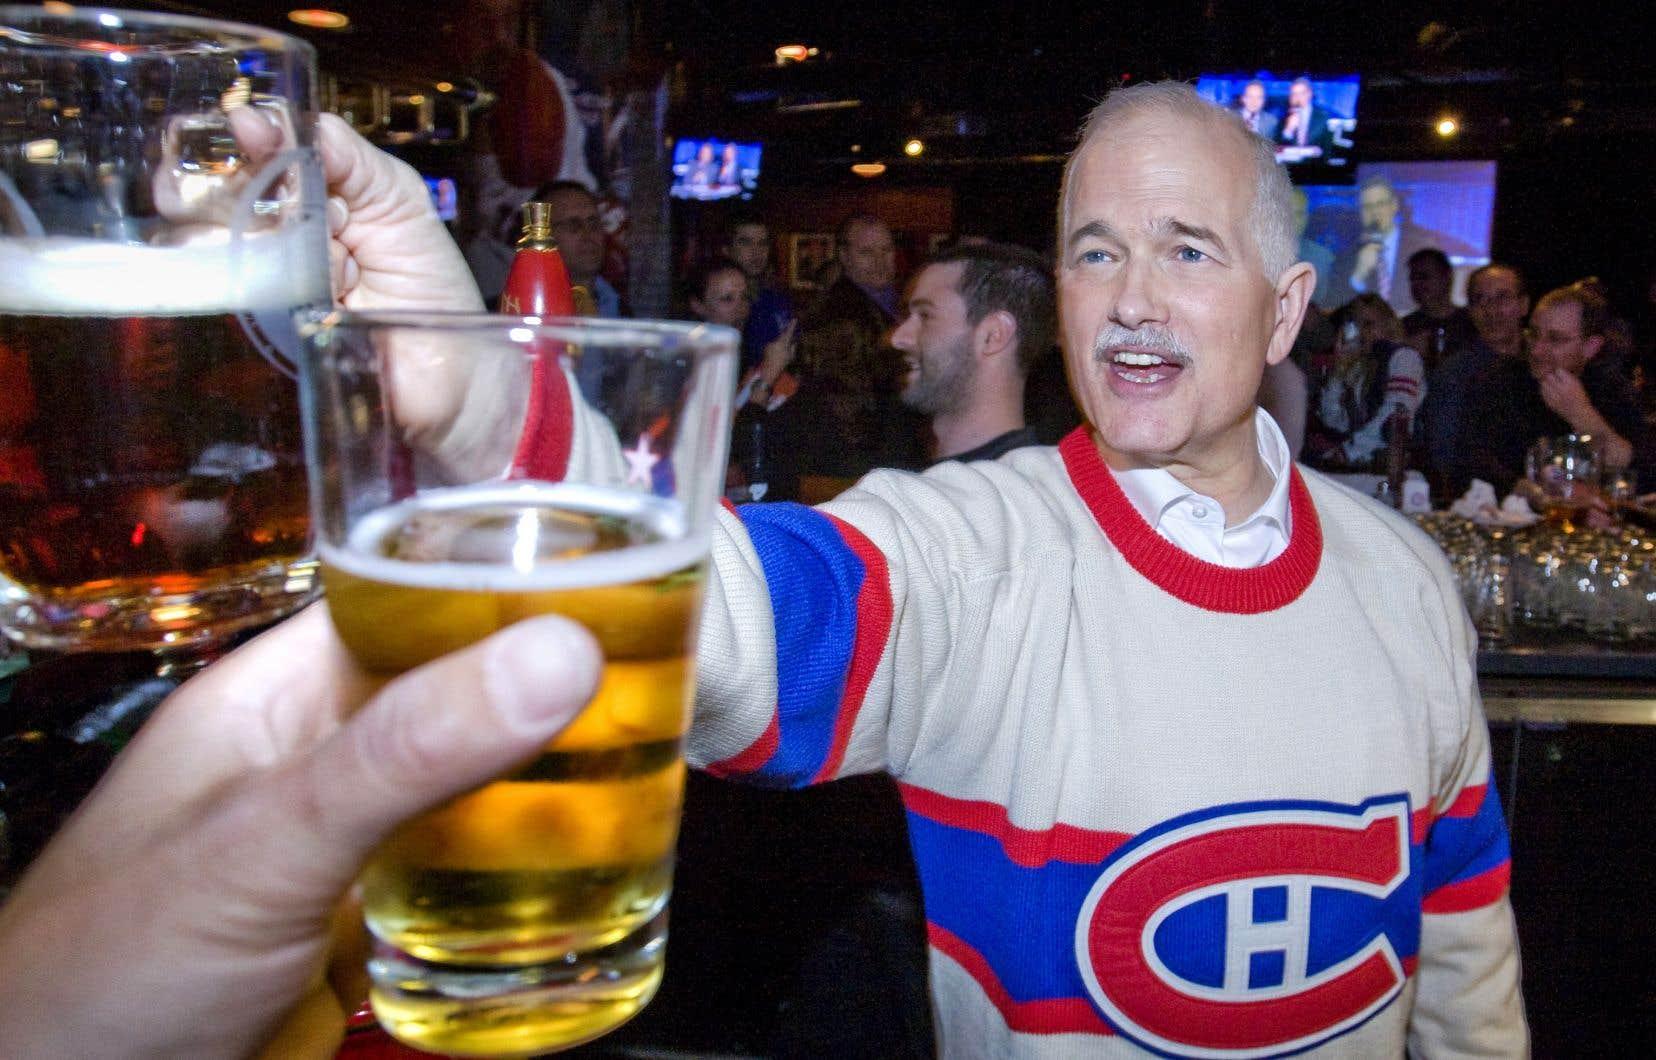 Jack Layton dans un bar près du Centre Belle lors d'un match des séries éliminatoires opposant le Canadien aux Bruins de Boston. La scène avait fait la une de l'édition du «Devoir» du 15 avril 2011.